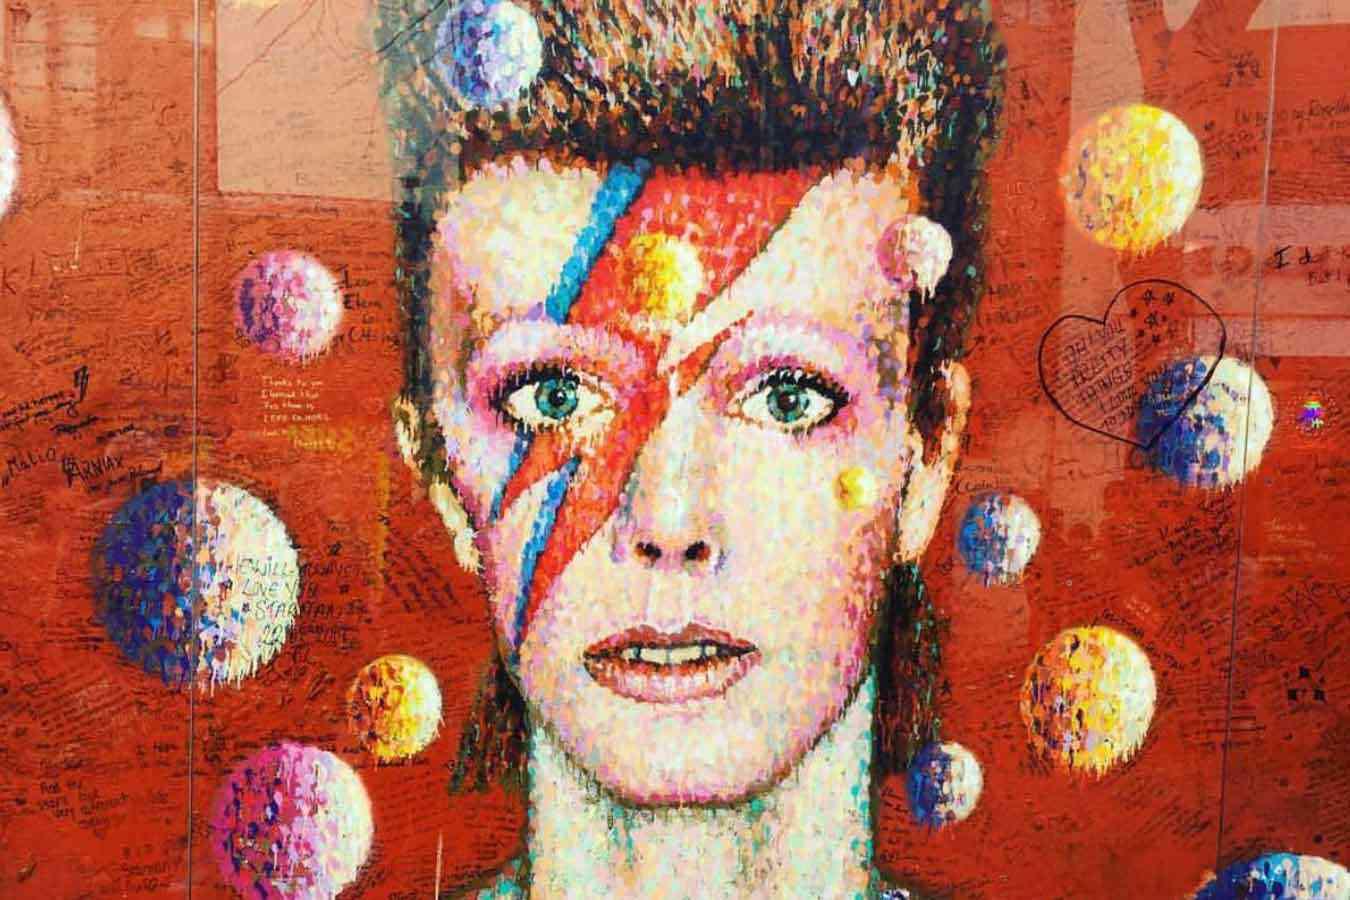 Il cibo e la musica: la strana dieta di David Bowie